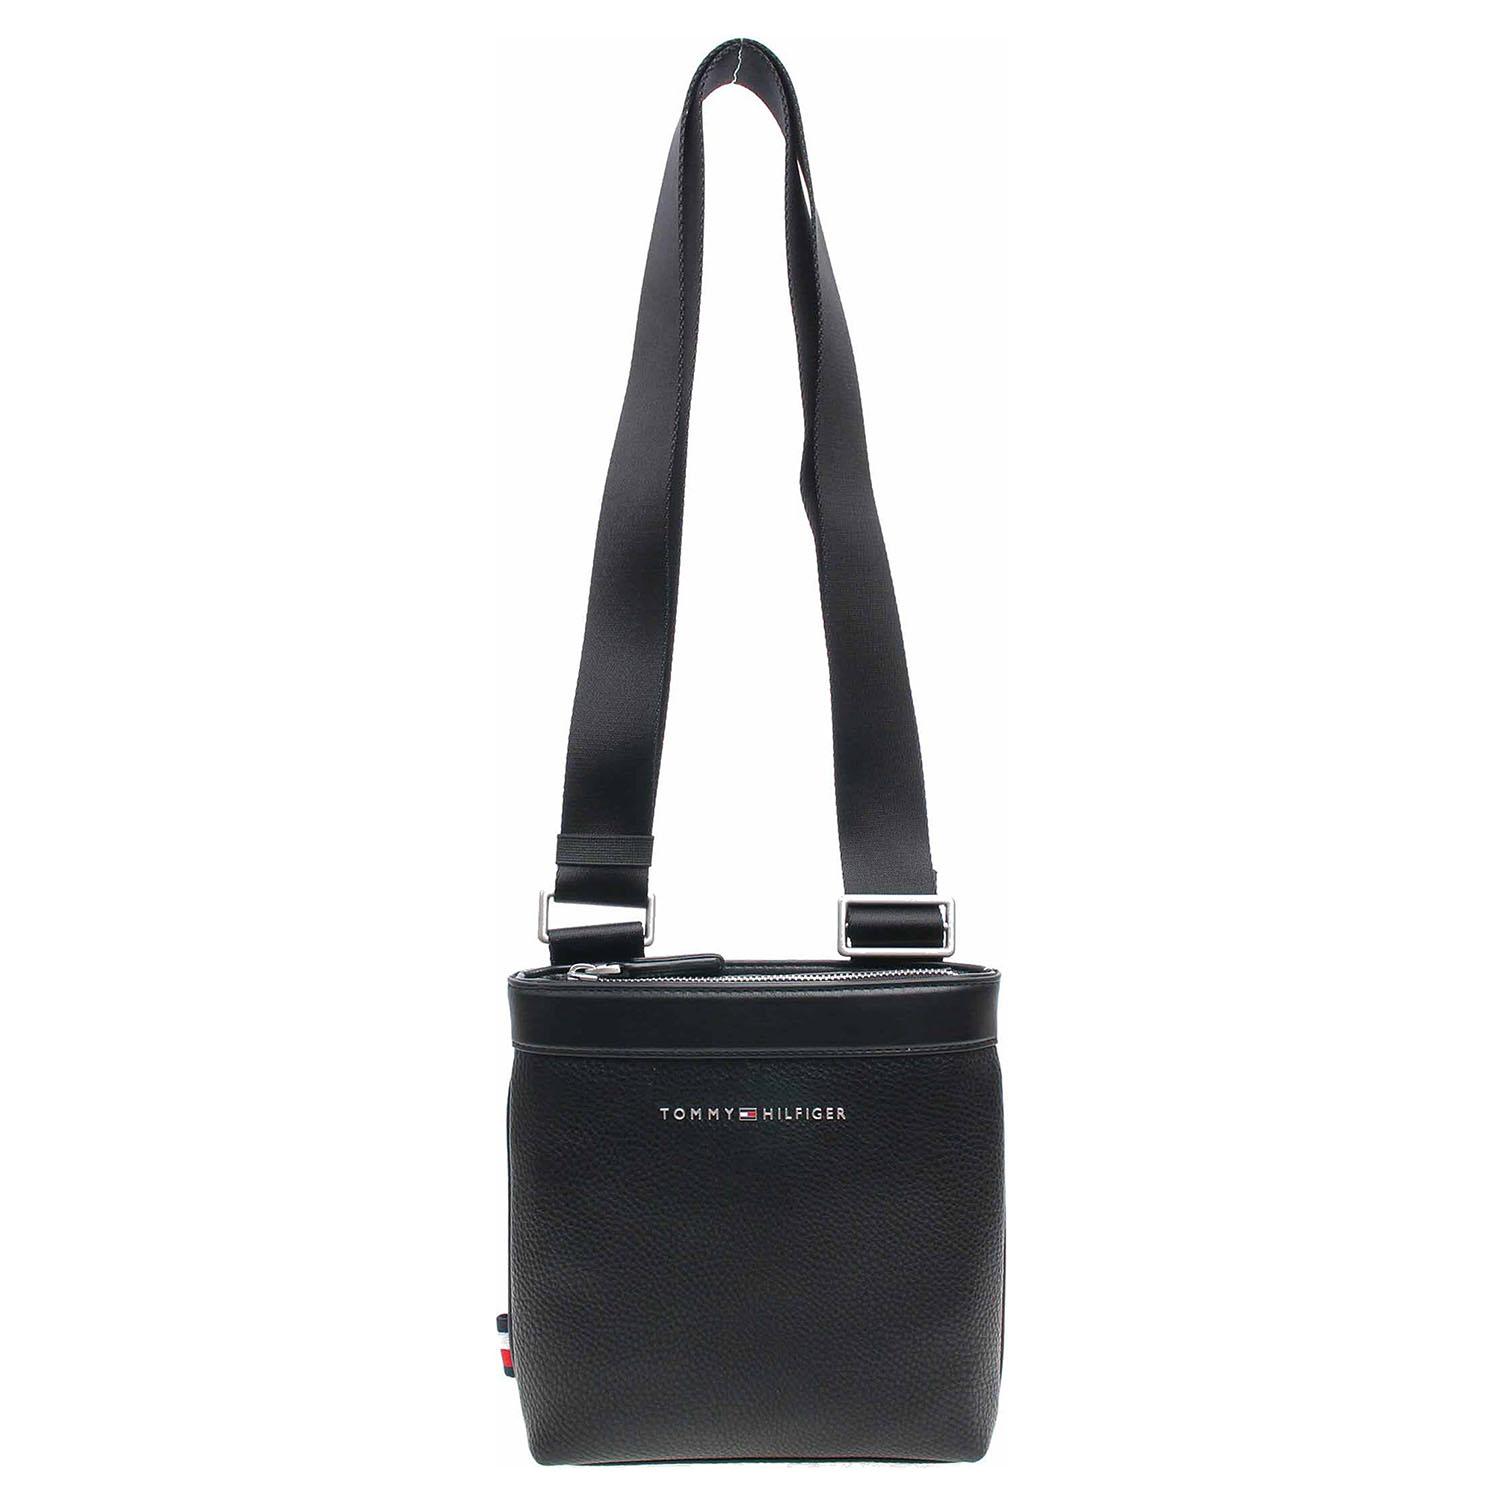 Tommy Hilfiger pánská taška AM0AM04451 002 black AM0AM04451 002 1